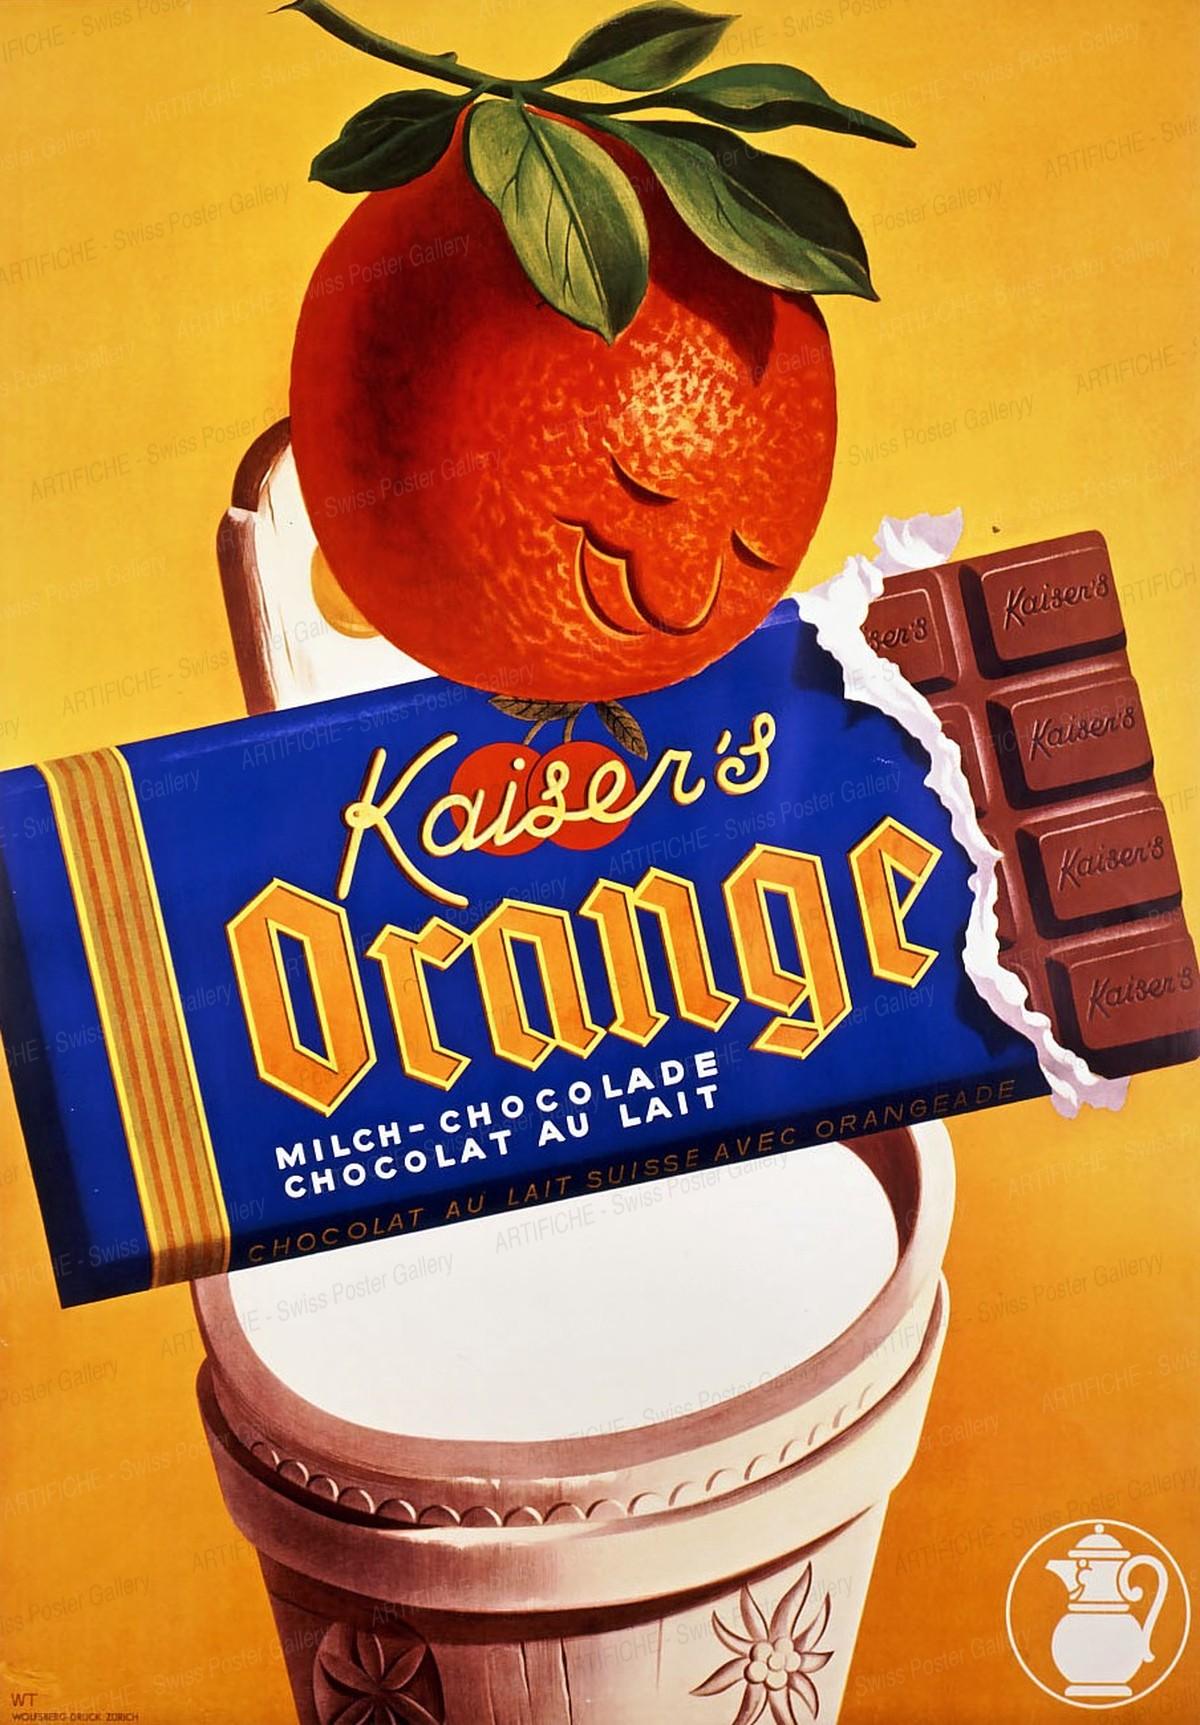 Kaiser's Orange, Willy Trapp